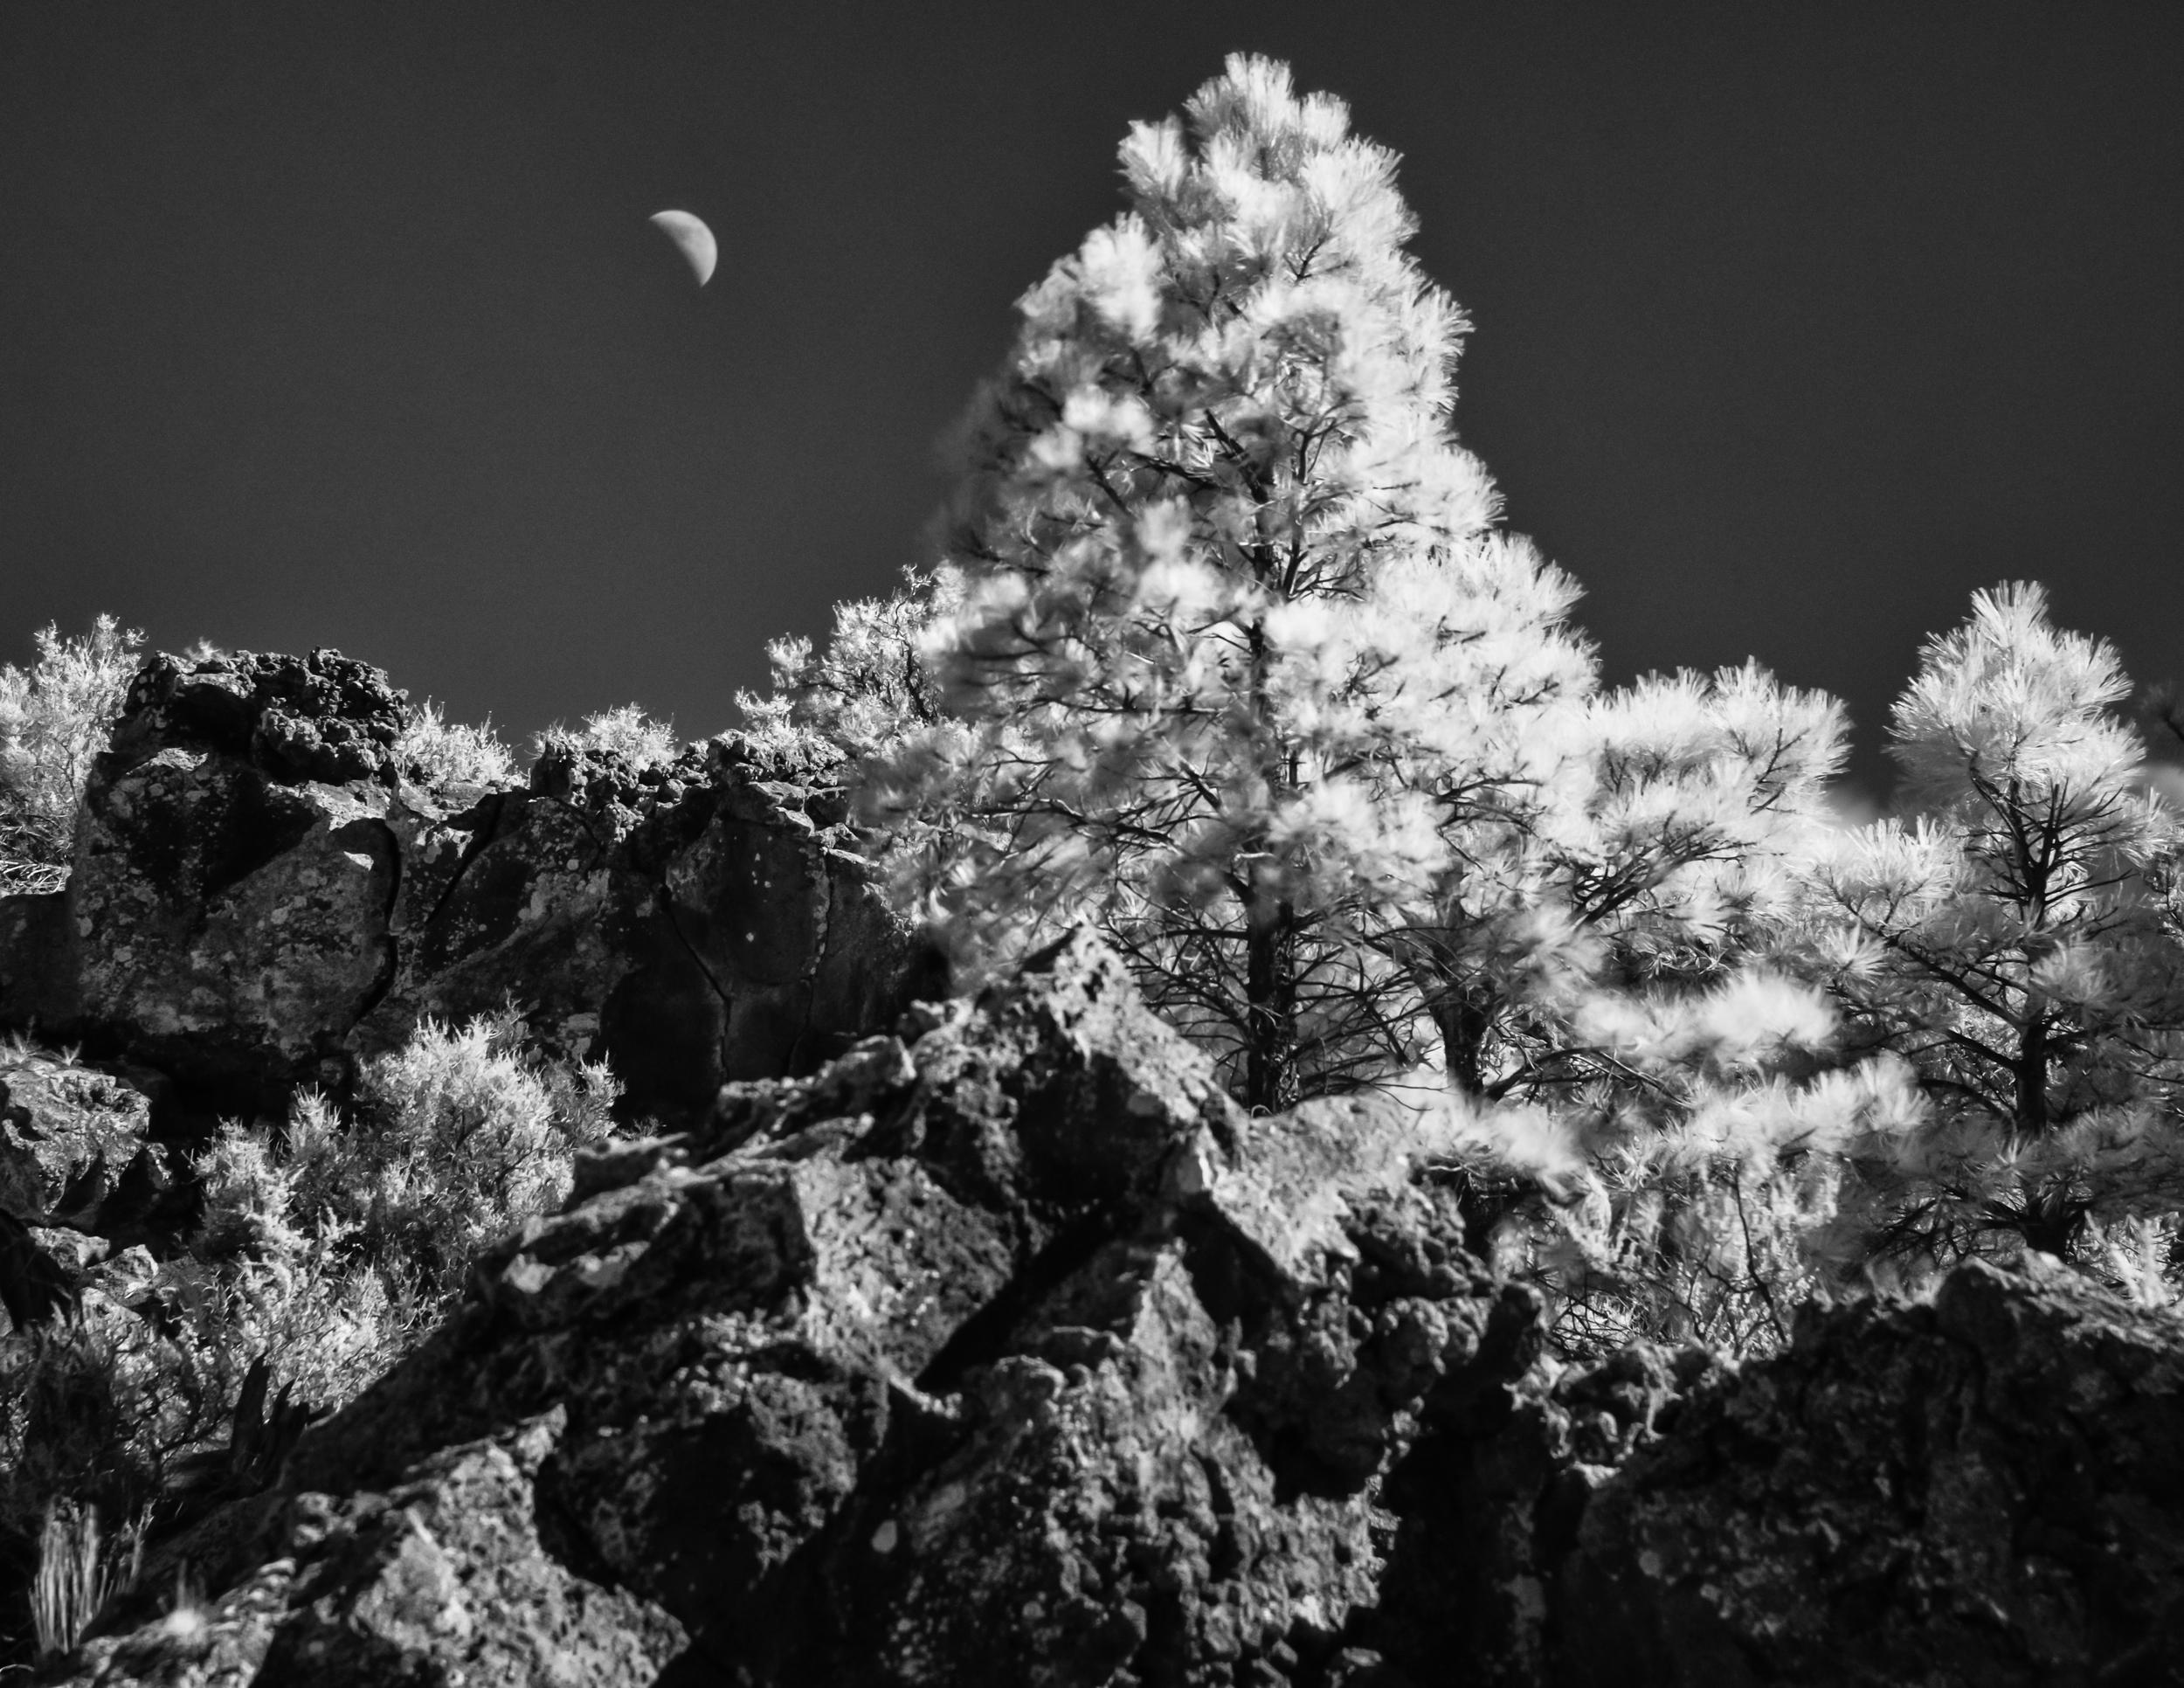 sunset_crater-DMS_5231-Edit.jpg